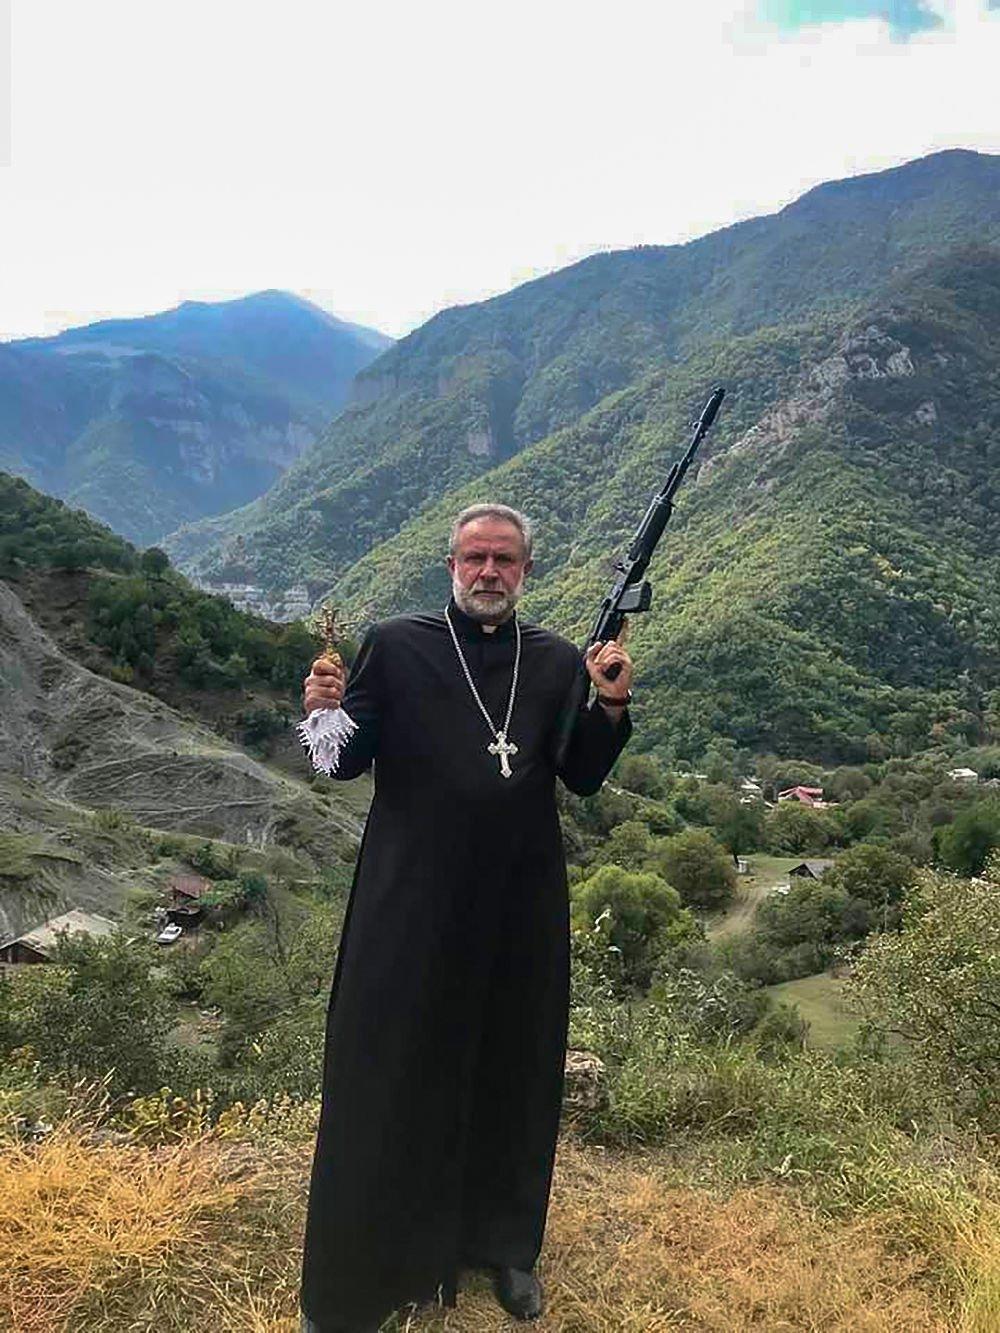 手持卡拉什尼科夫突击步枪的霍夫哈纳斯神父